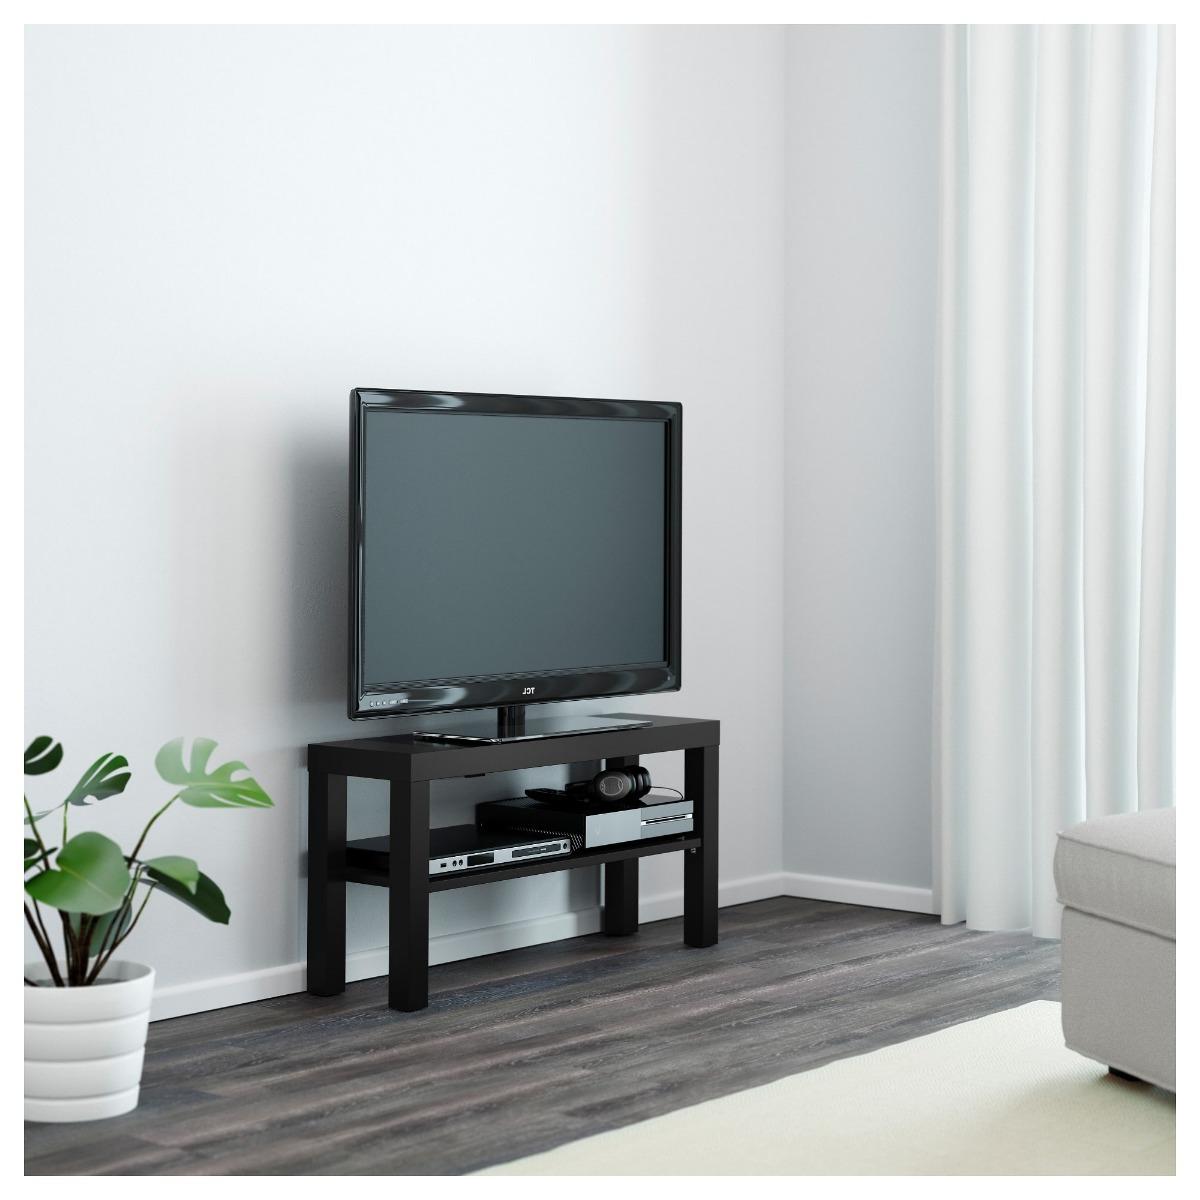 Mesas De Television Ikea Irdz Mesa De Tv Ikea Color Negro 950 00 En Mercado Libre